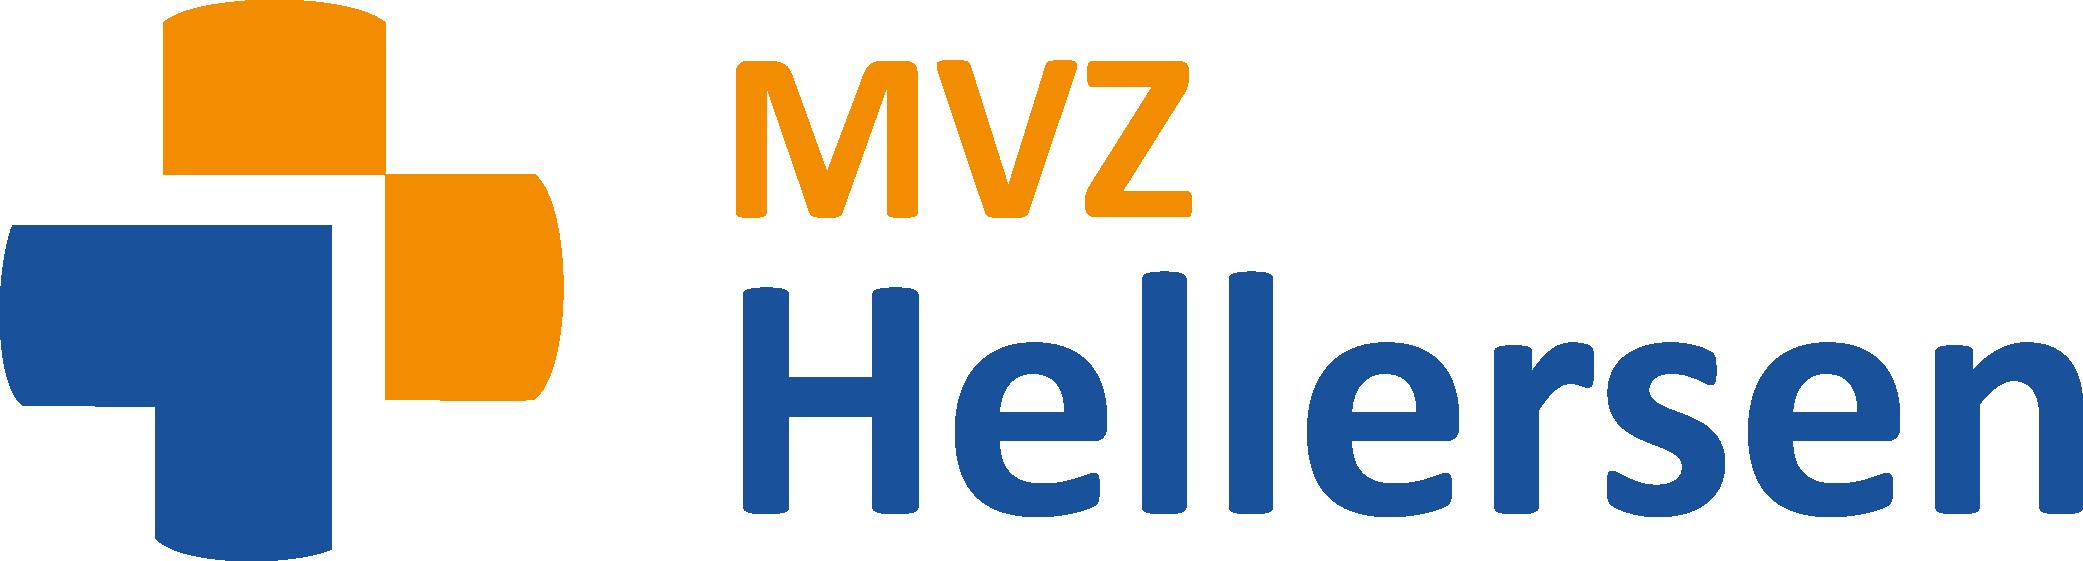 https://lightnings-football.de/wp-content/uploads/2019/10/MVZ-Logo.png